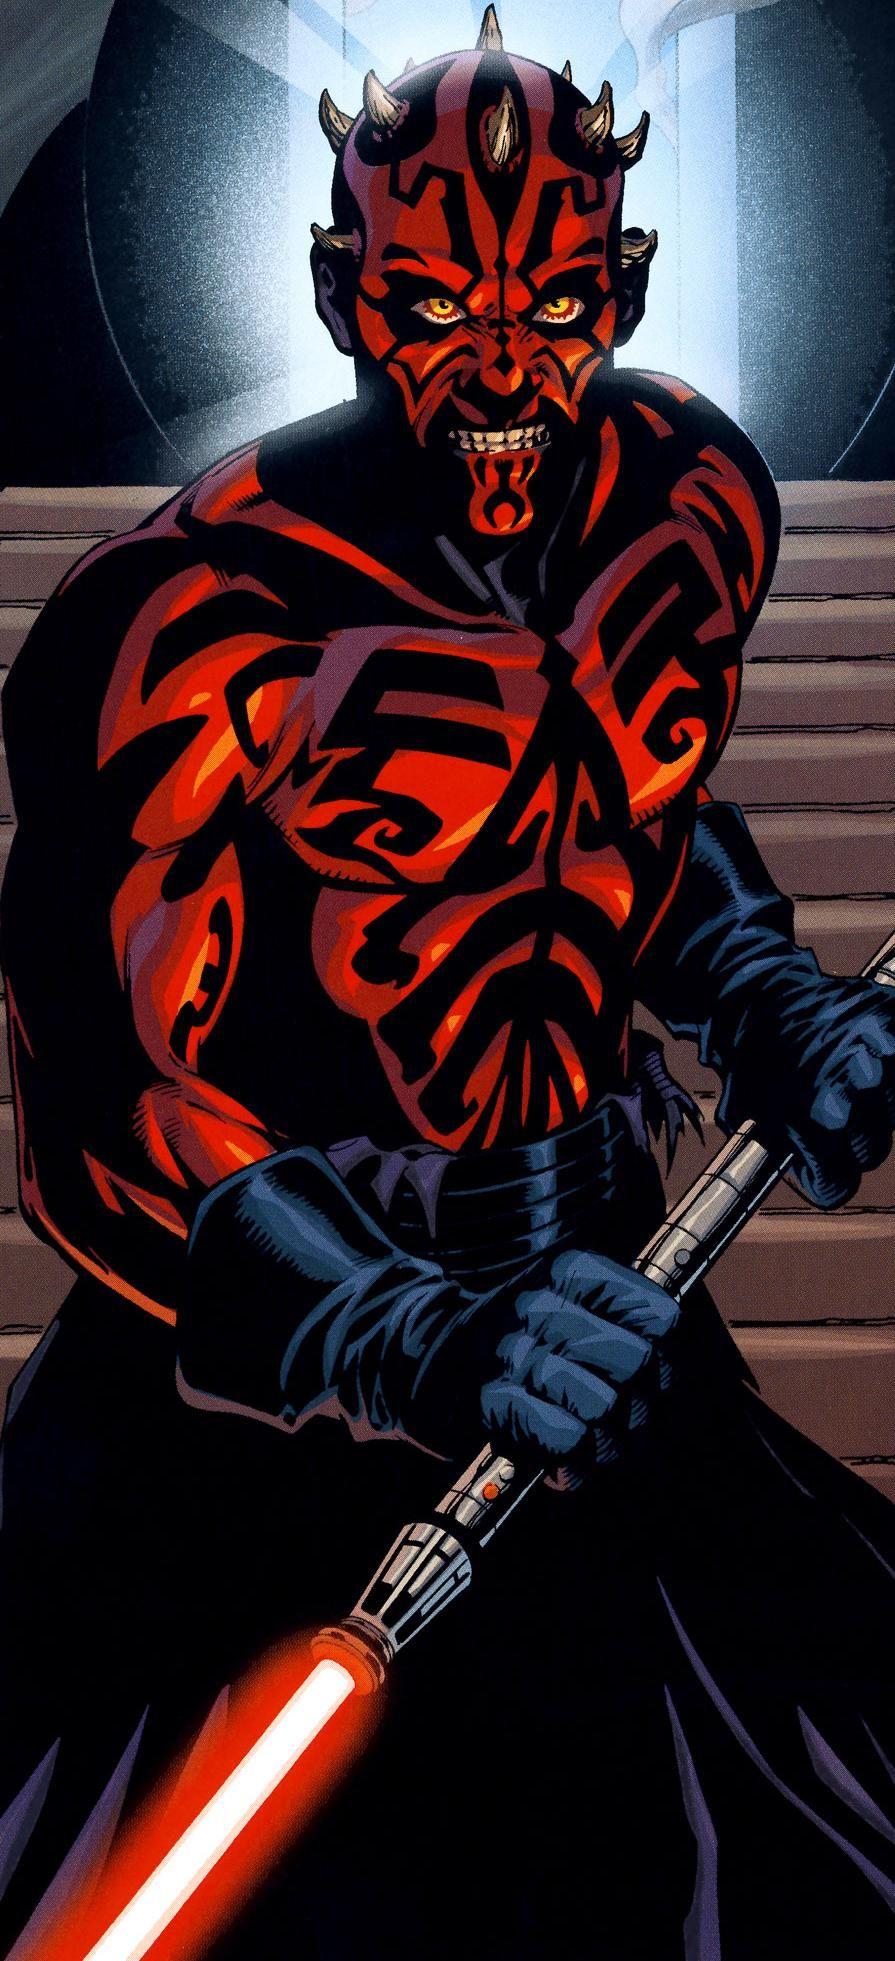 Darth Maul Full-body Sith Tattoos Star Wars